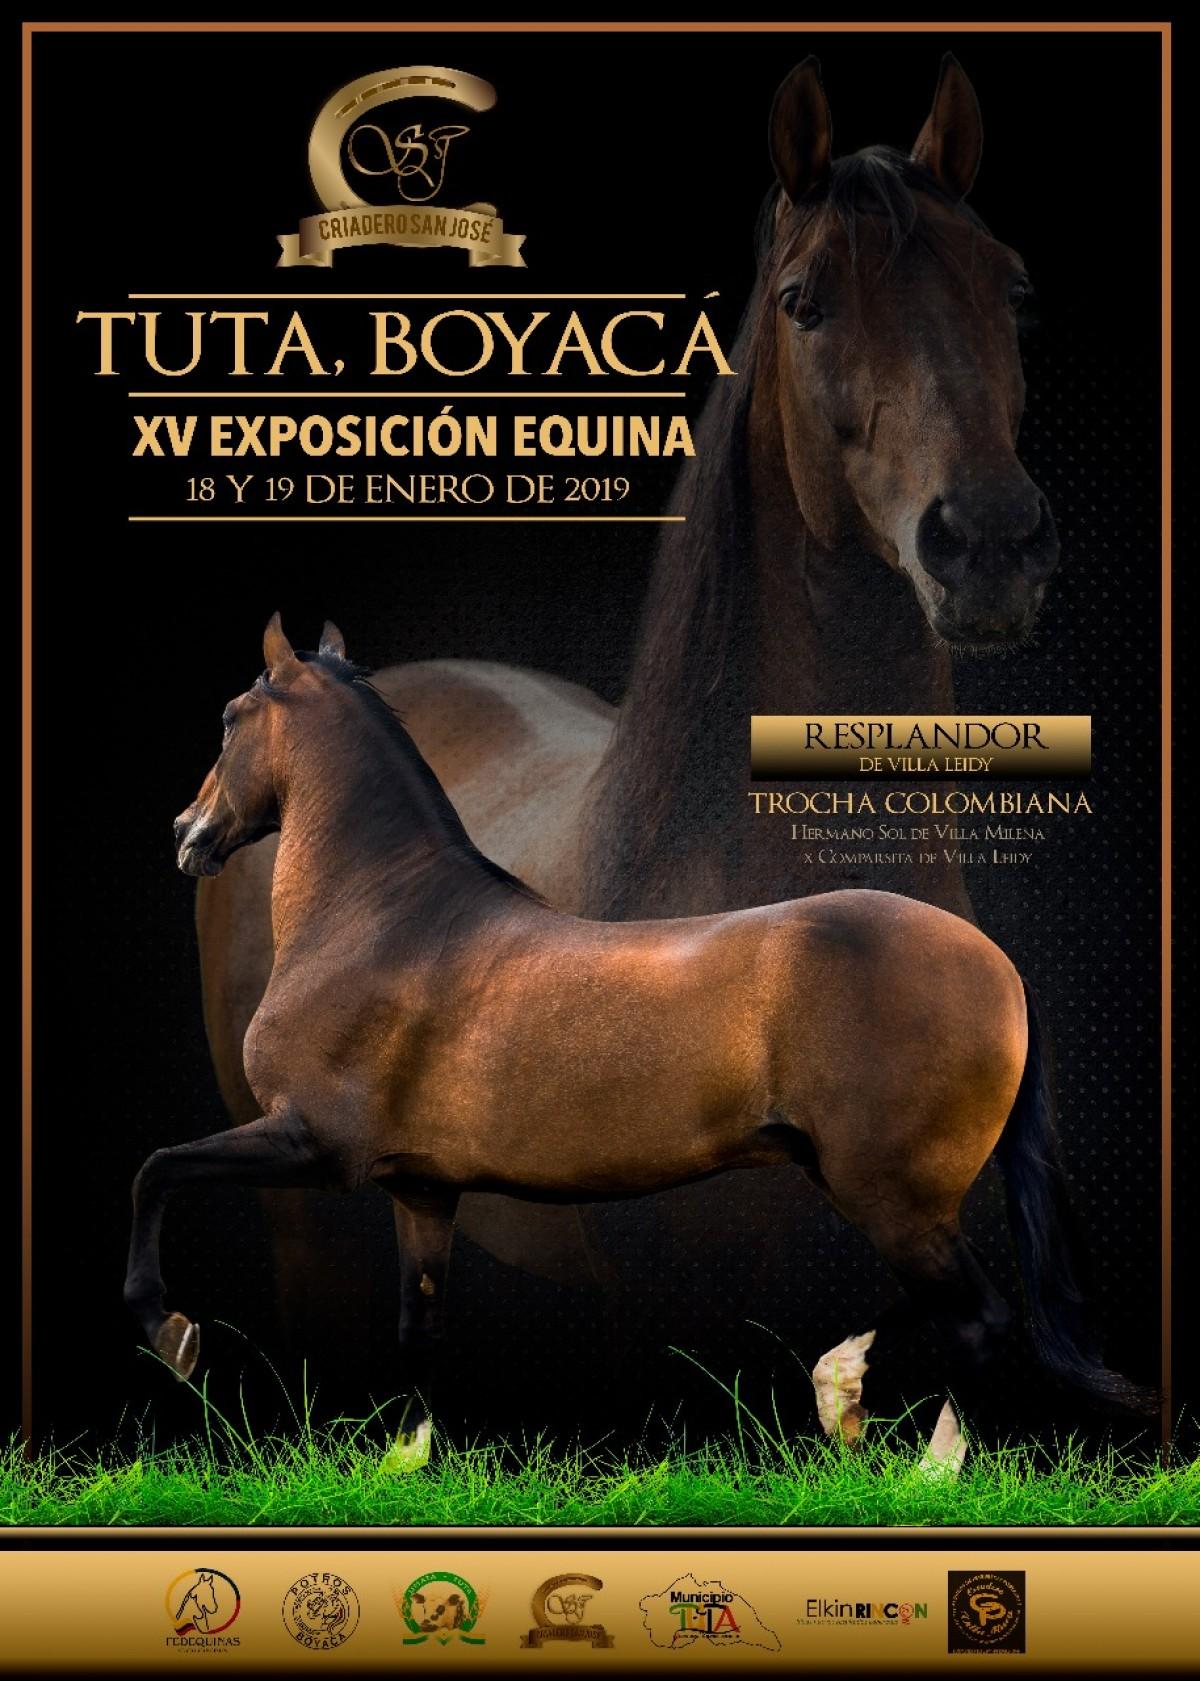 TRANSMISIÓN XV Exposición Equina Tuta - Boyacá Grado B, 18 y 19 de Enero